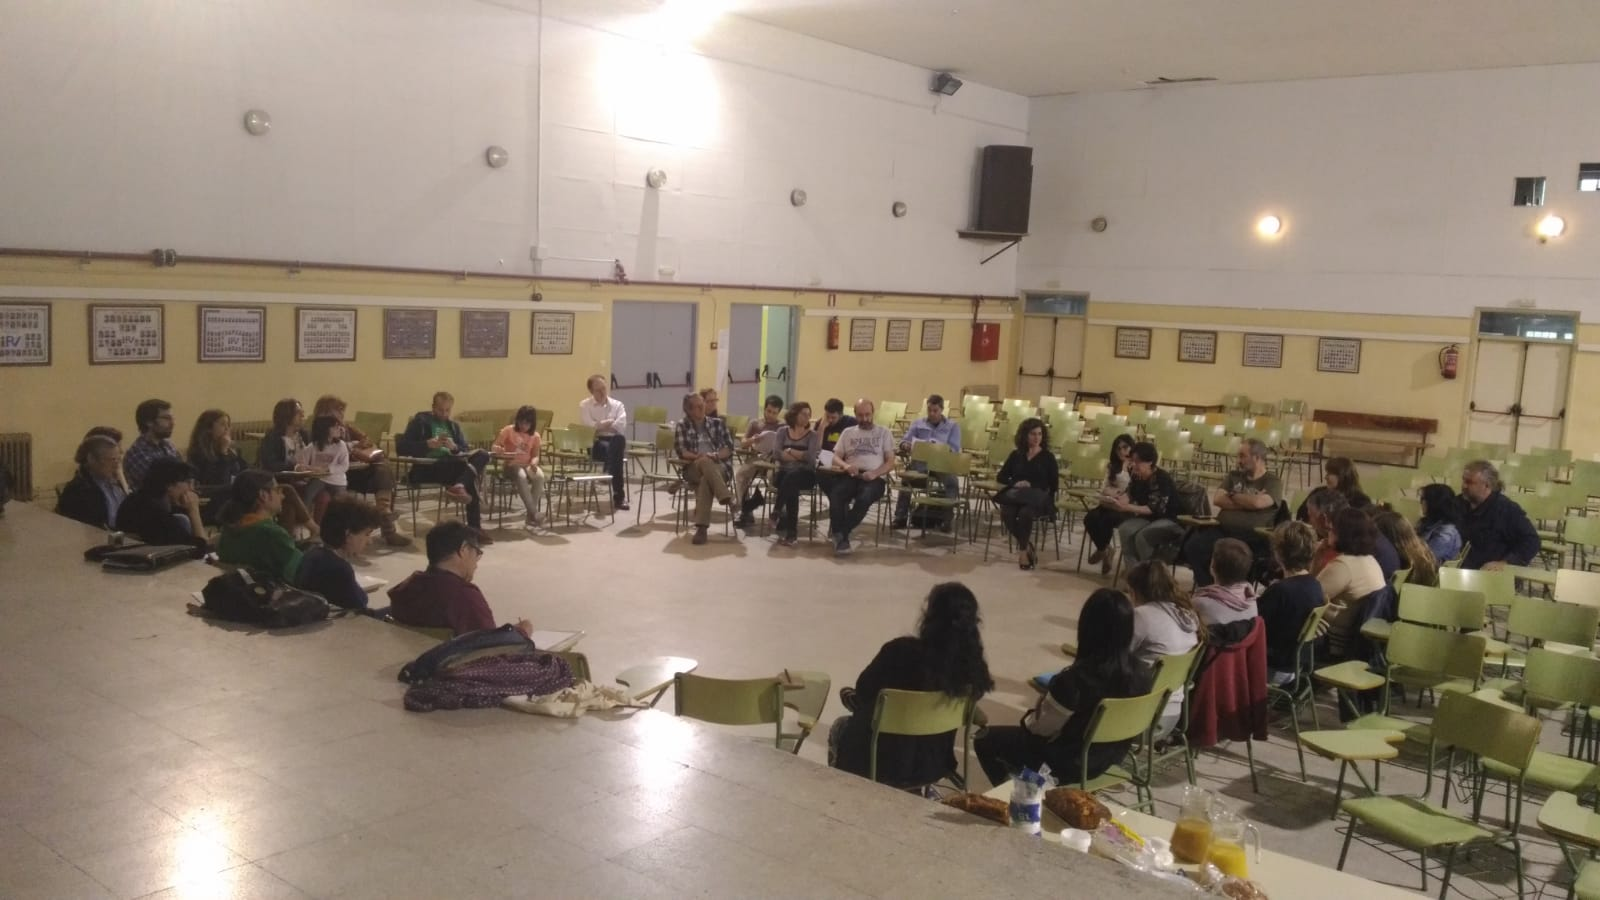 La presentación de los resultados tuvo lugar el pasado 11 de junio en el instituto.